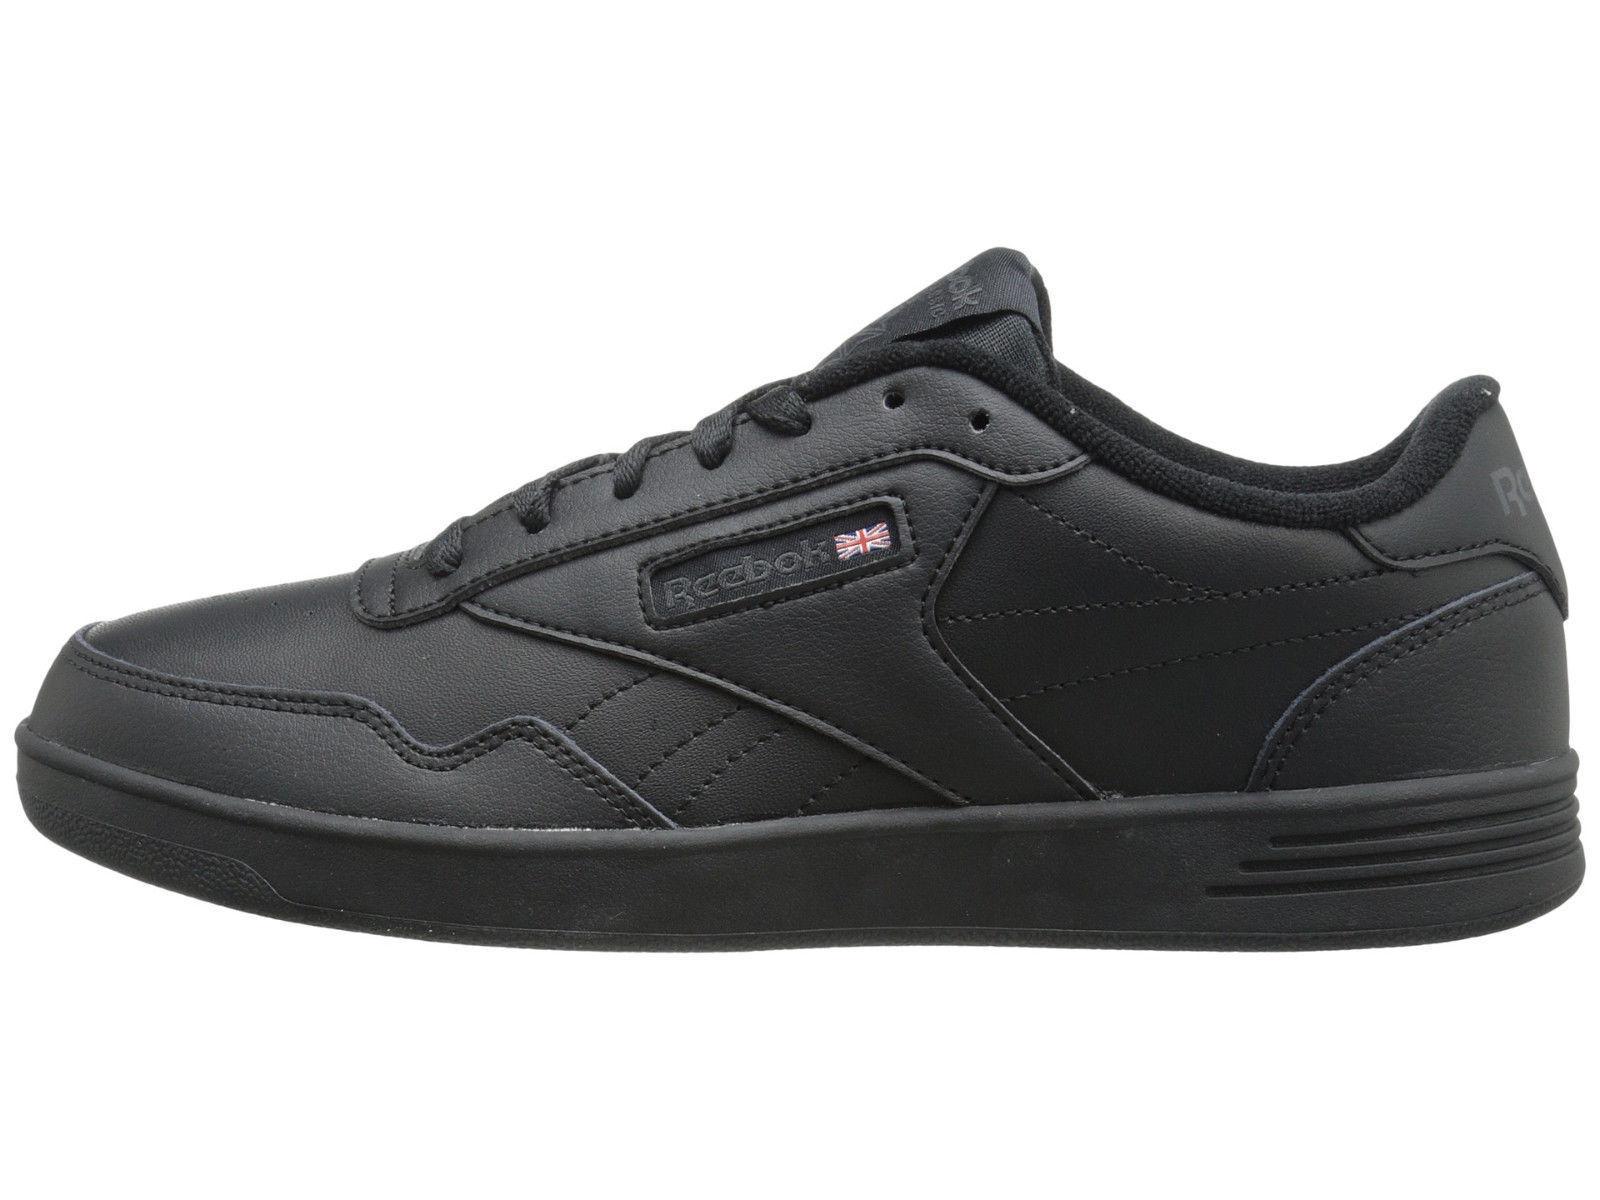 Reebok Club Memt Mens Classic Shoe Multi V63478